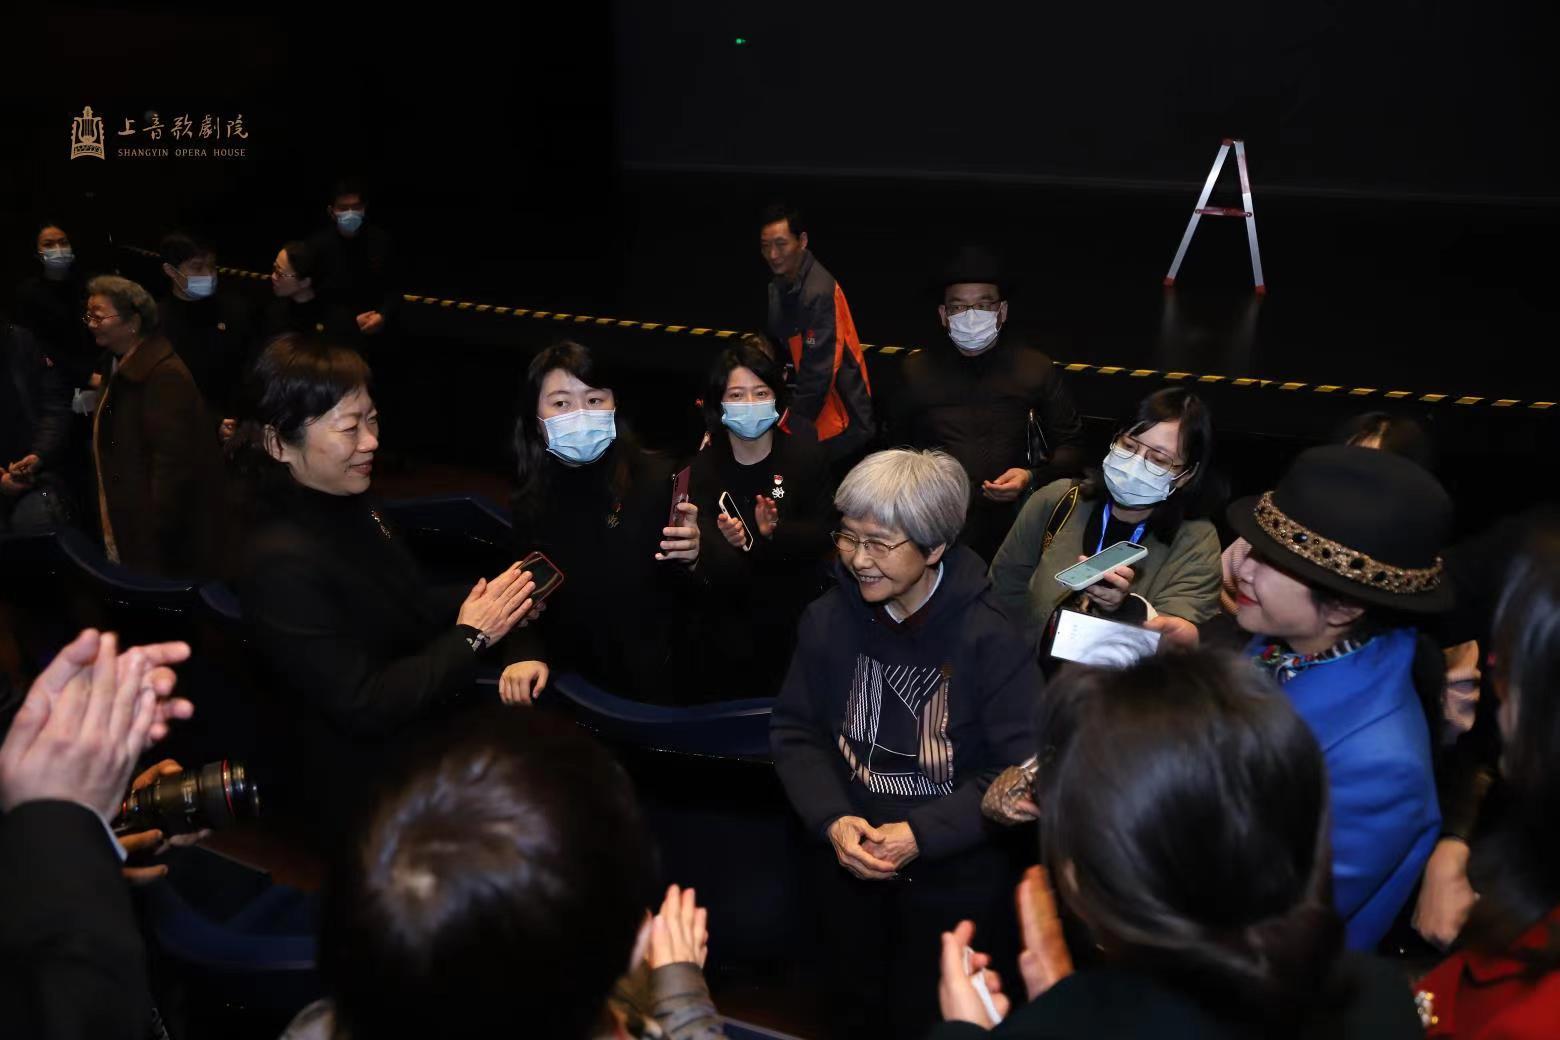 """""""敦煌女儿""""樊锦诗现身上音歌剧院,她说雷锋精神在当代没有过时,要做一颗永不生锈的螺丝钉"""